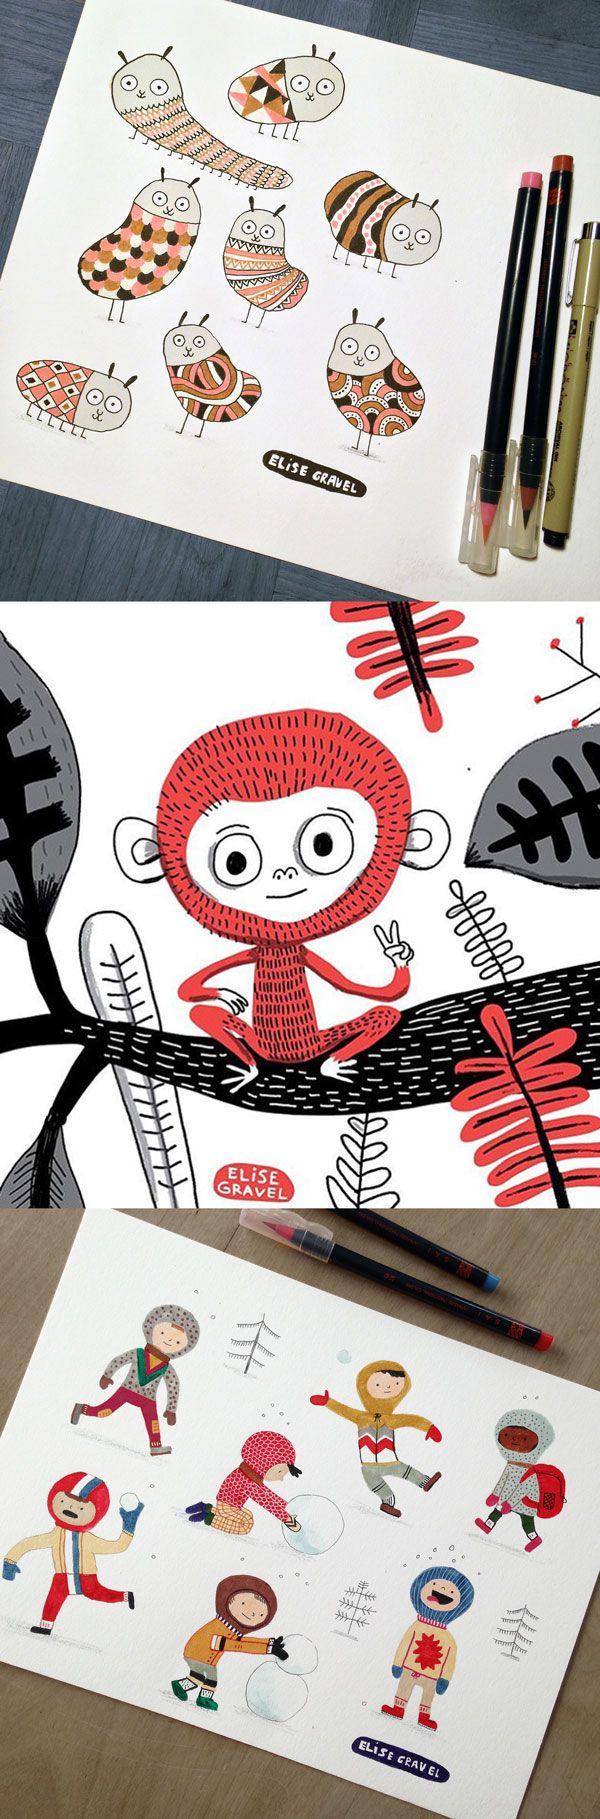 sock monkey how to draw